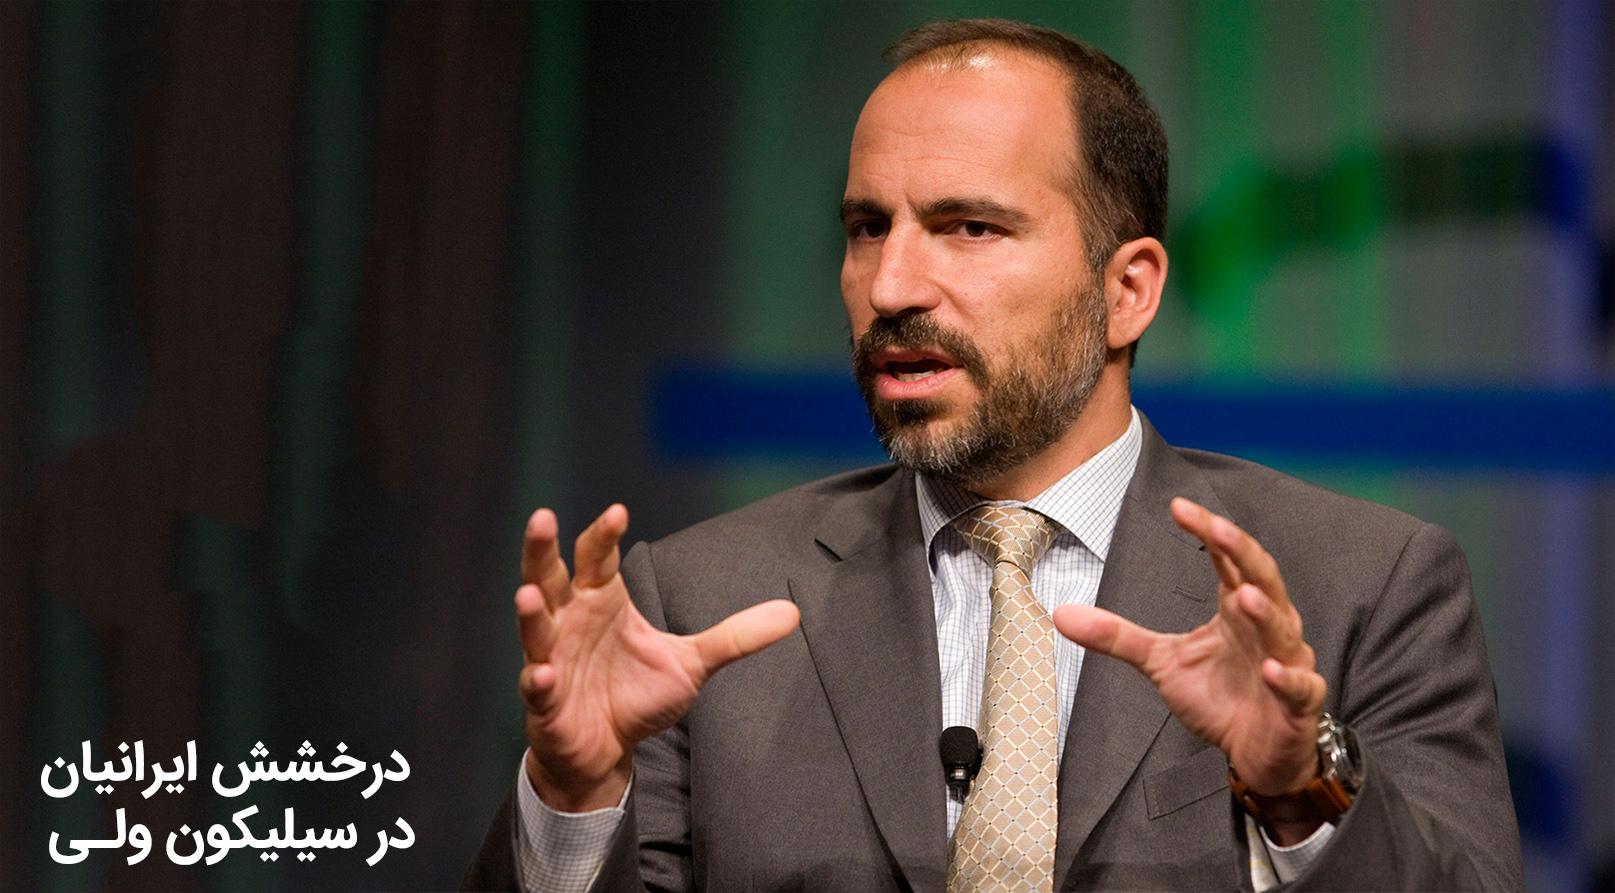 ماجرای درخشش ایرانیان در سیلیکون ولی